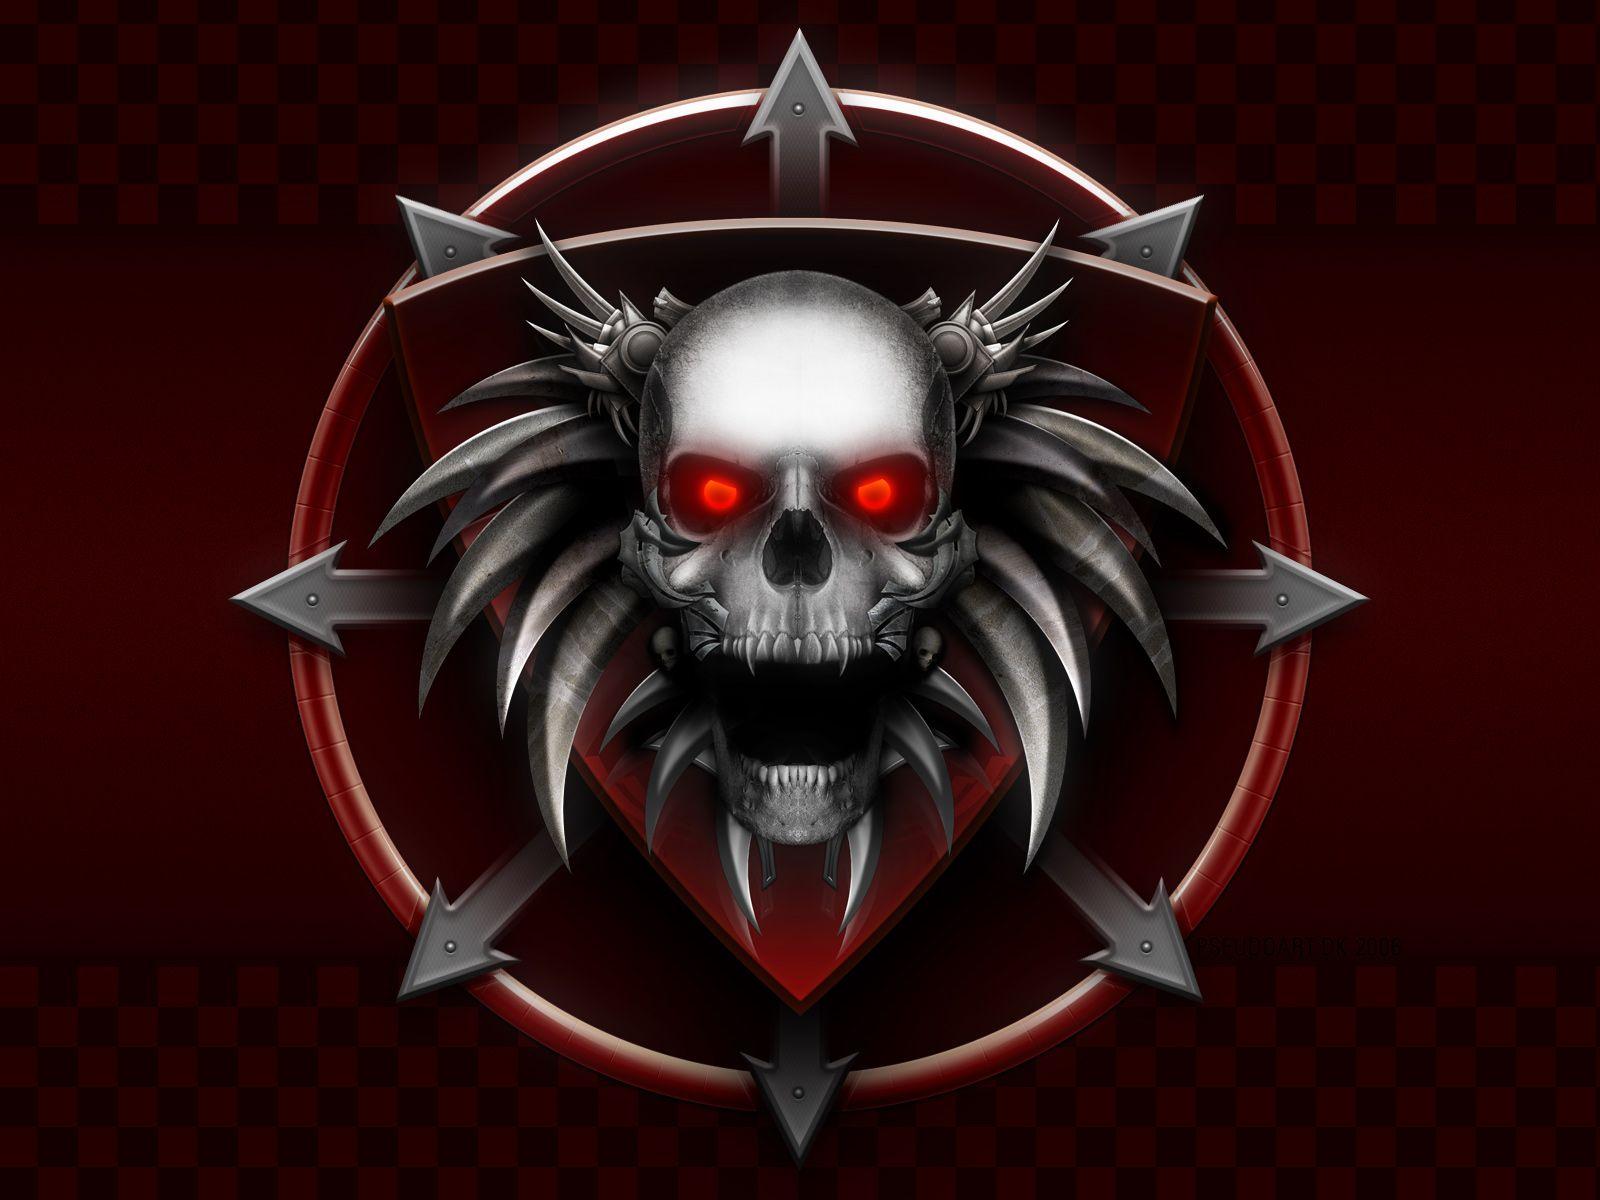 Skull Wallpapers Skull Wallpaper Black Skulls Wallpaper Skull Art